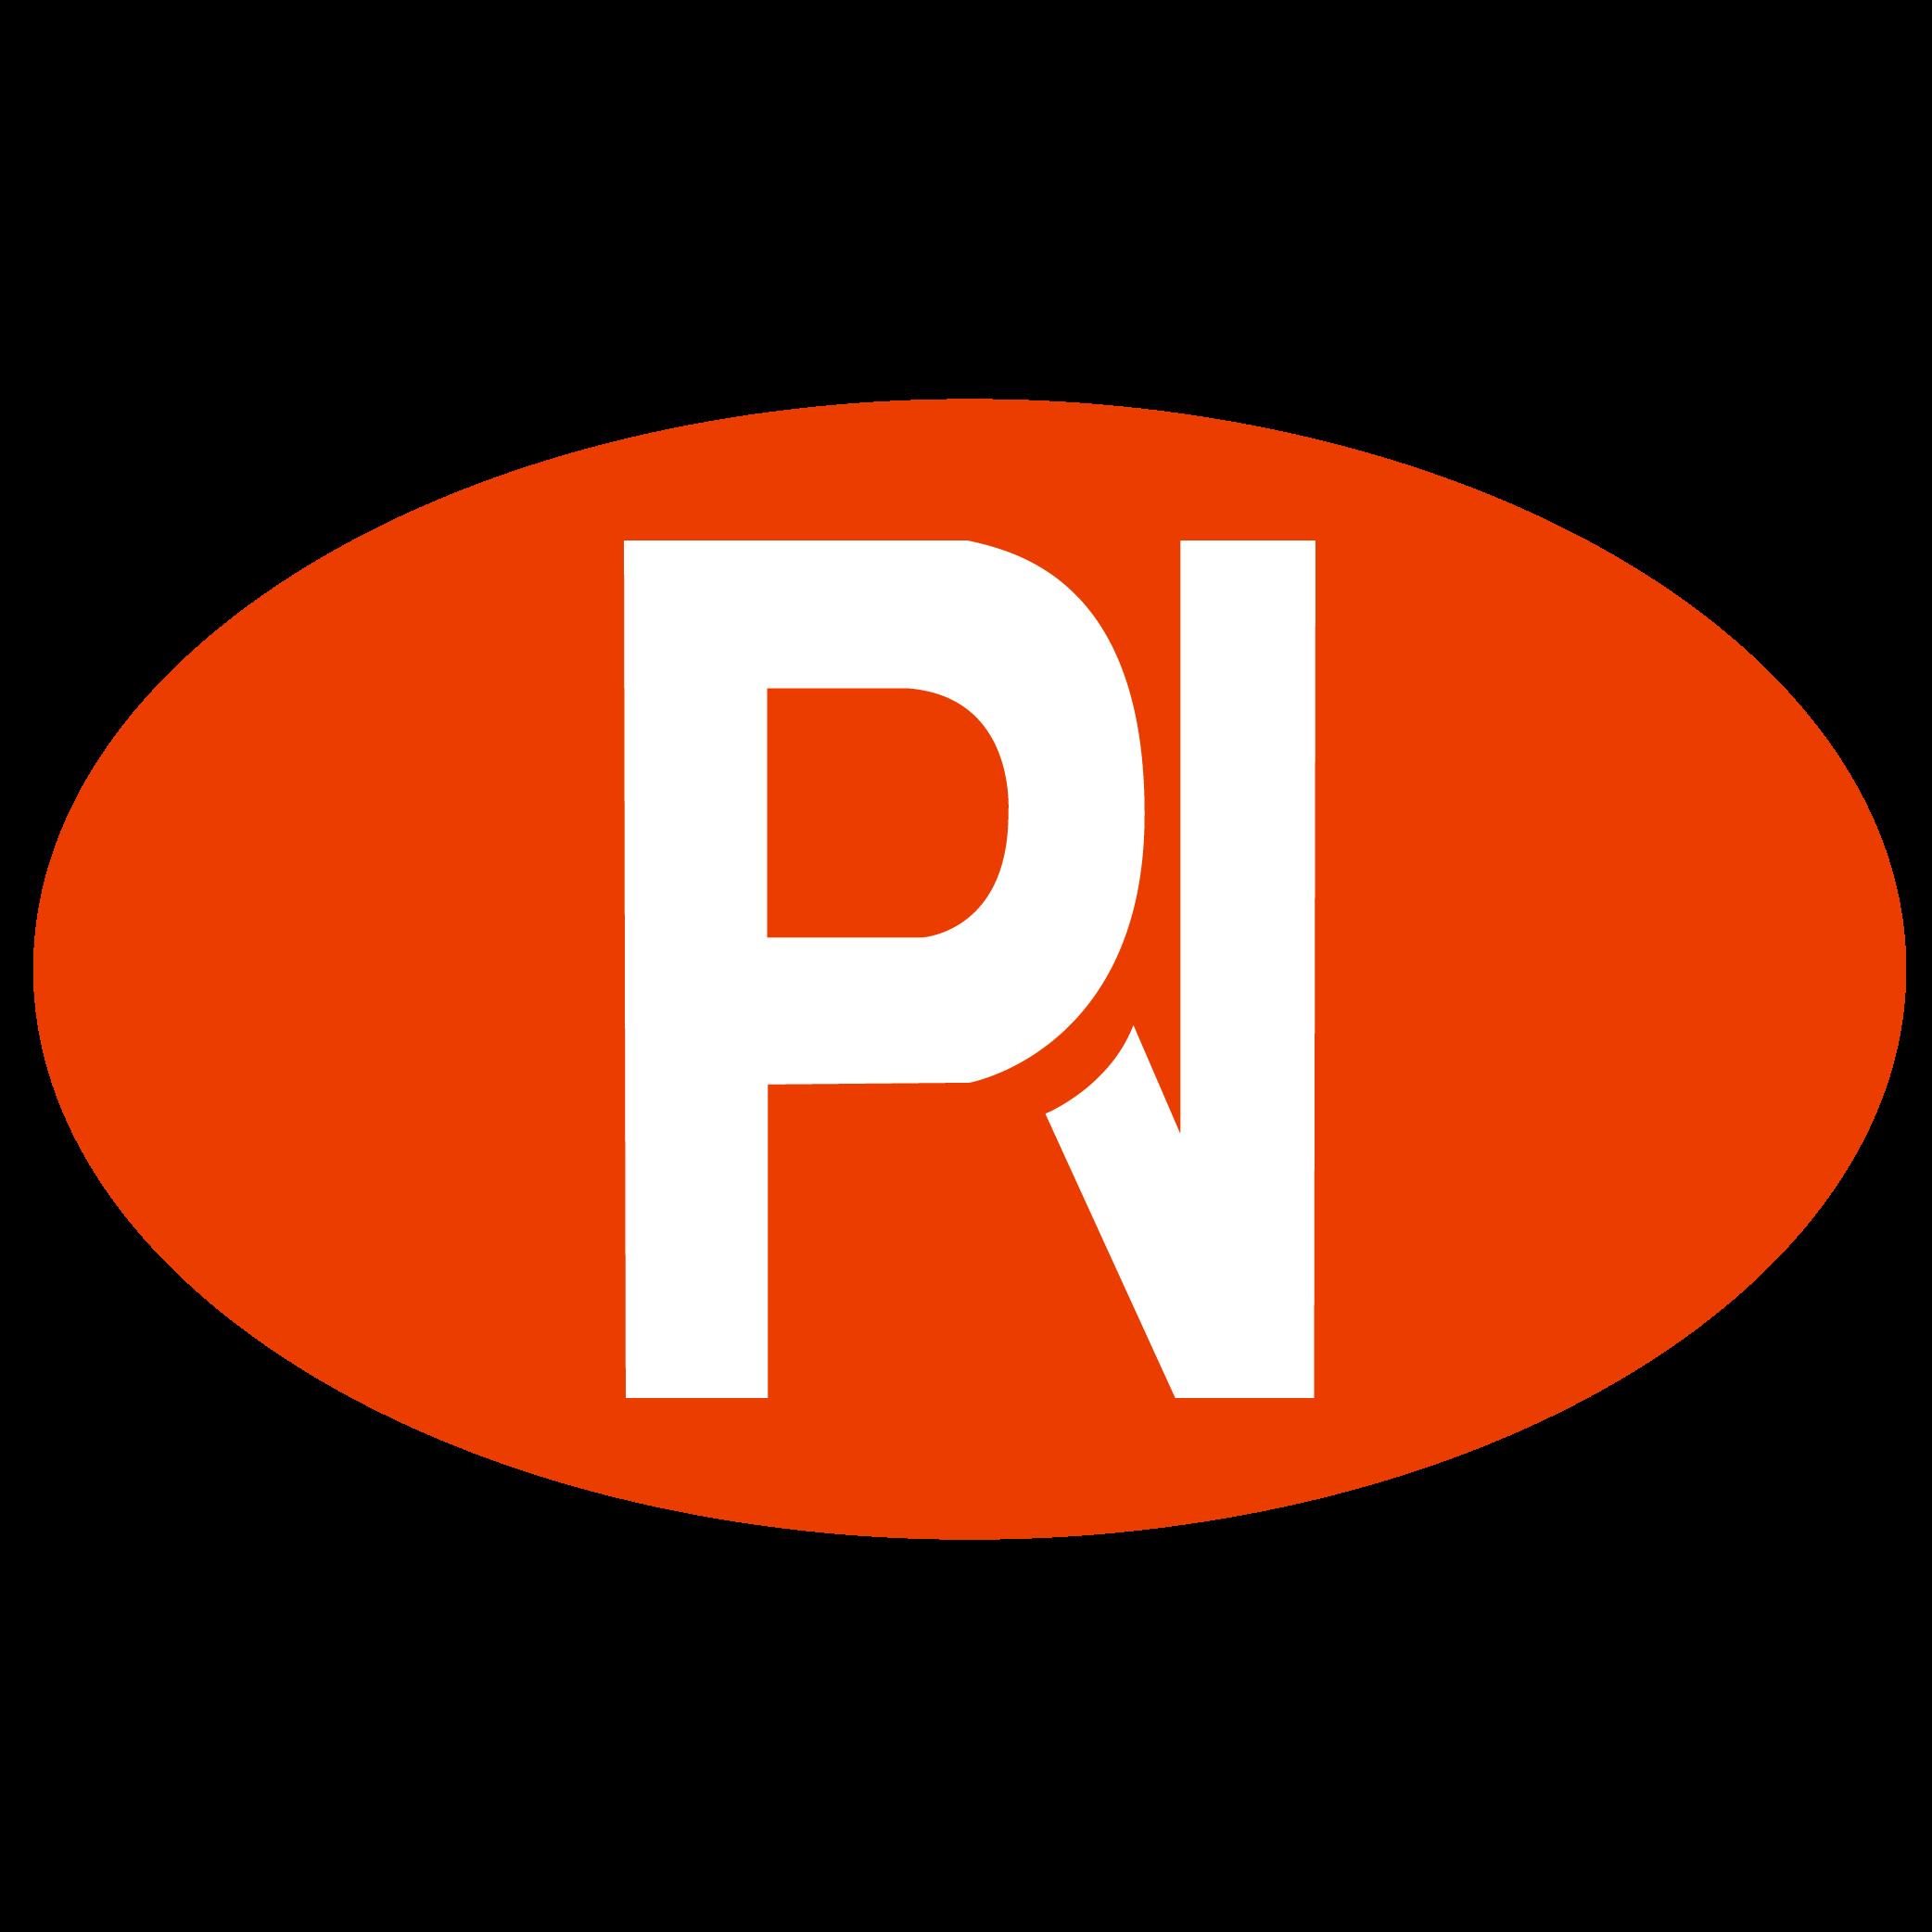 Logo Công ty TNHH DV tư vấn Phan Nguyễn